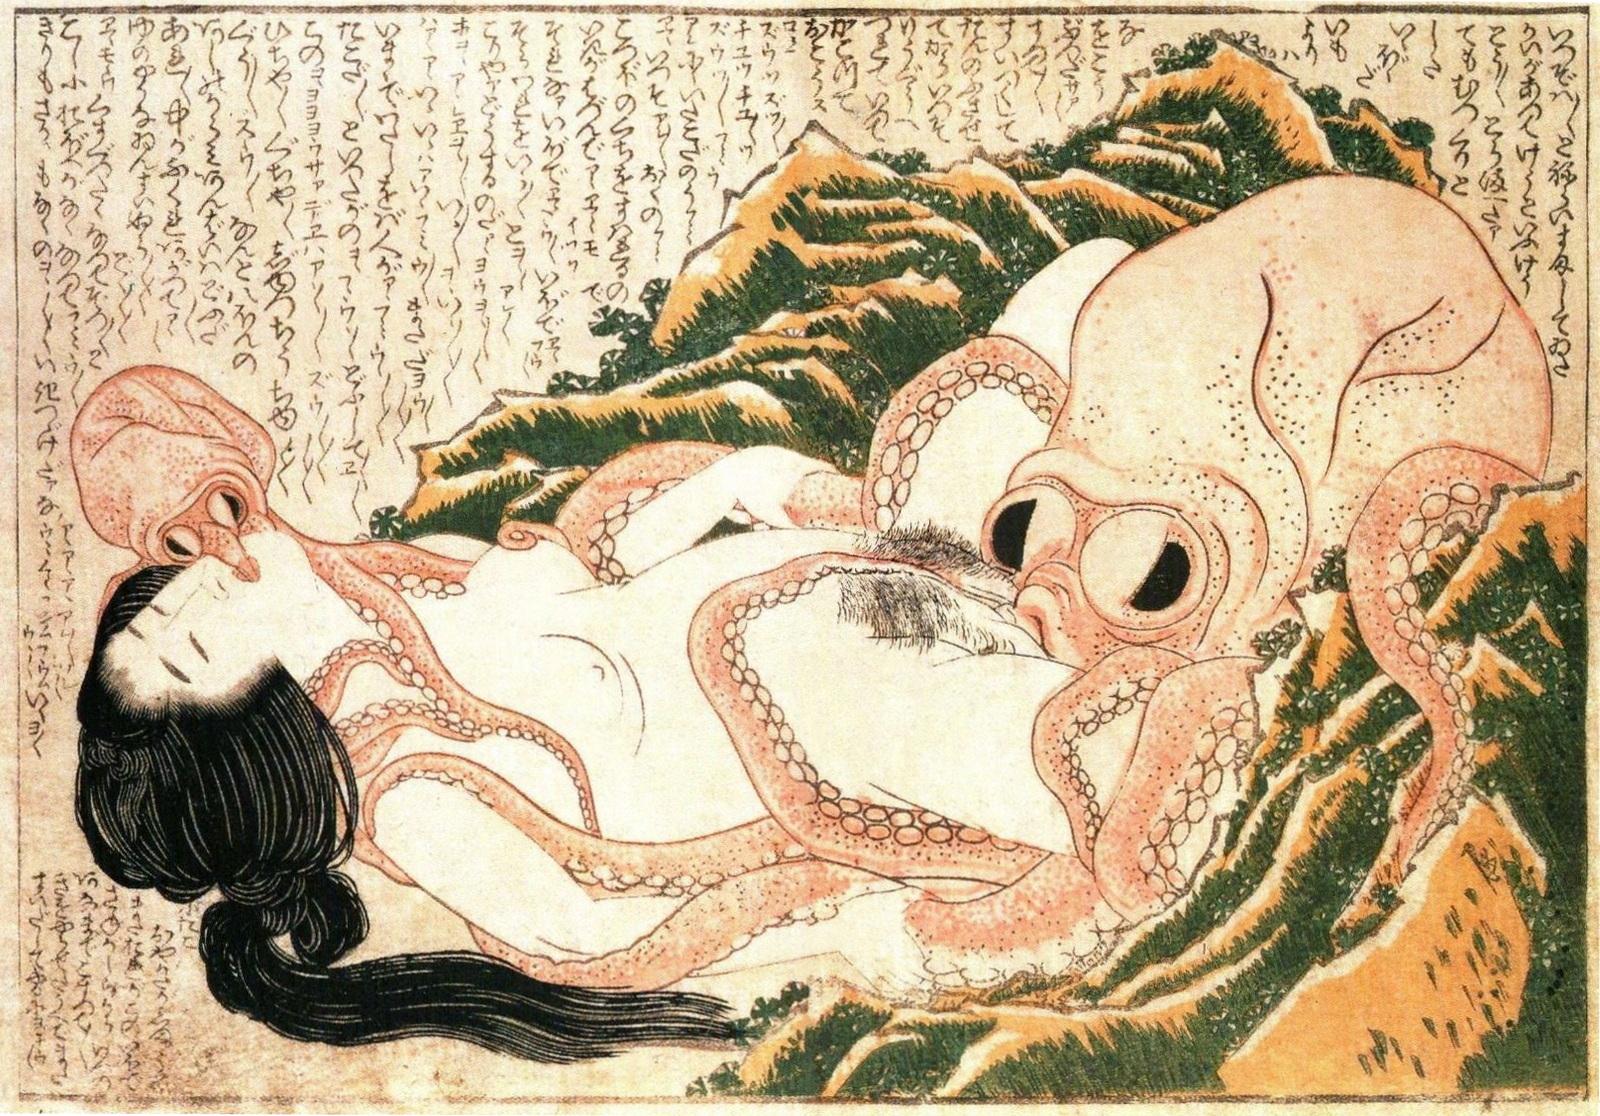 Tako to ama - L'Ama et le Poulpe - Hokusai - 1814